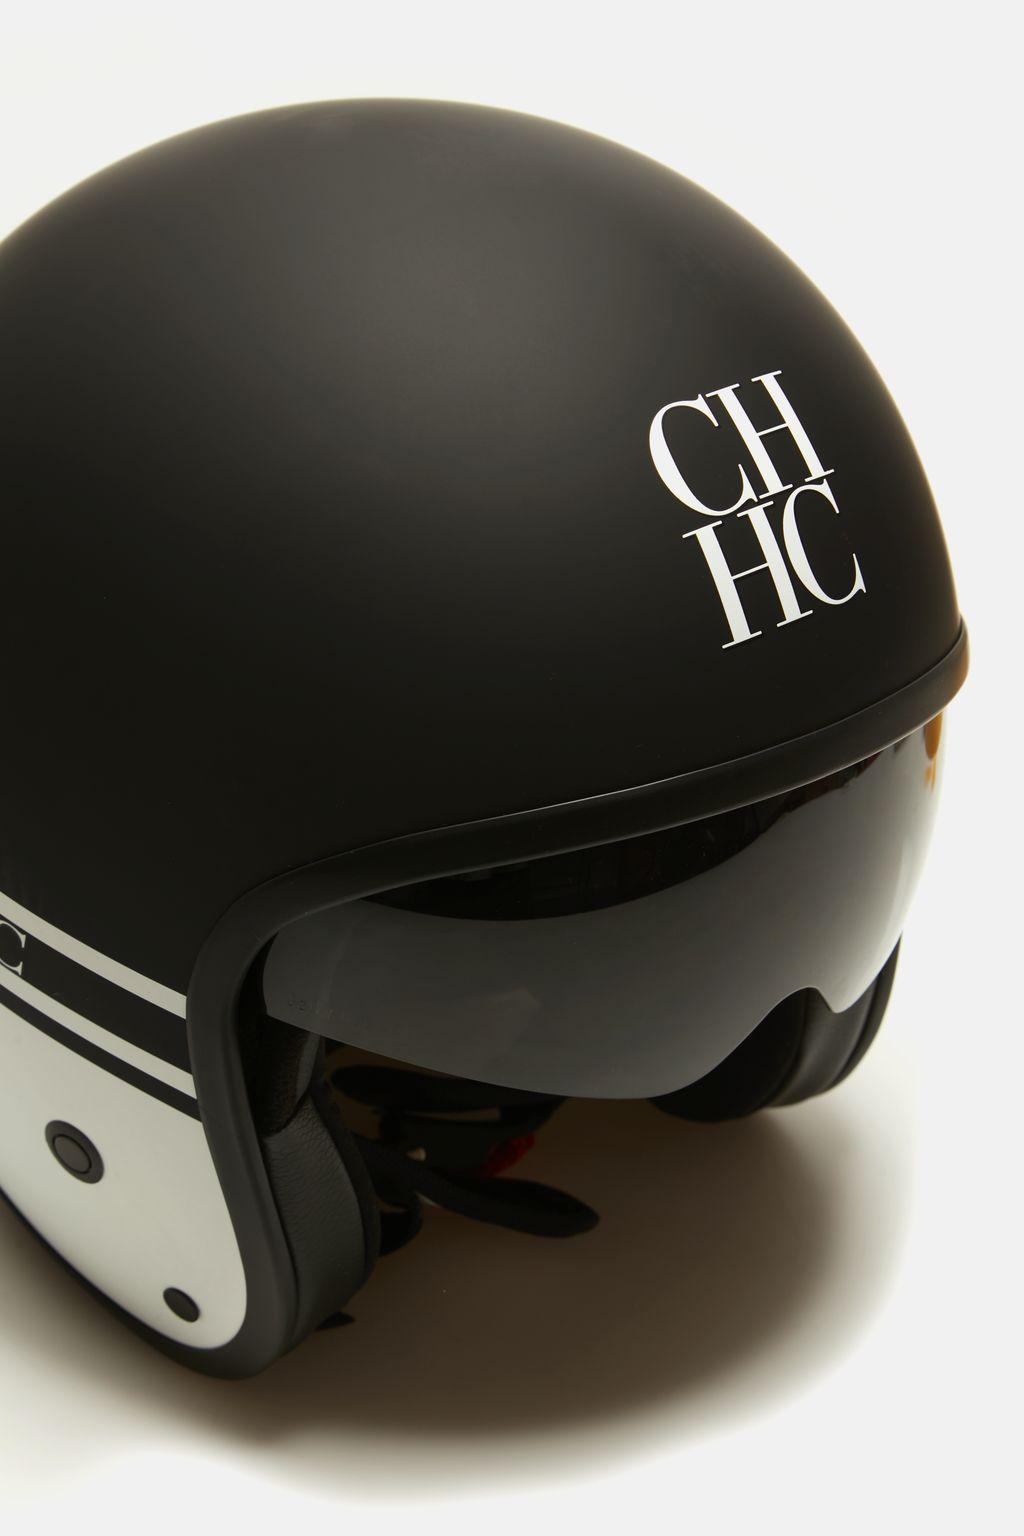 CH motorcycle helmet